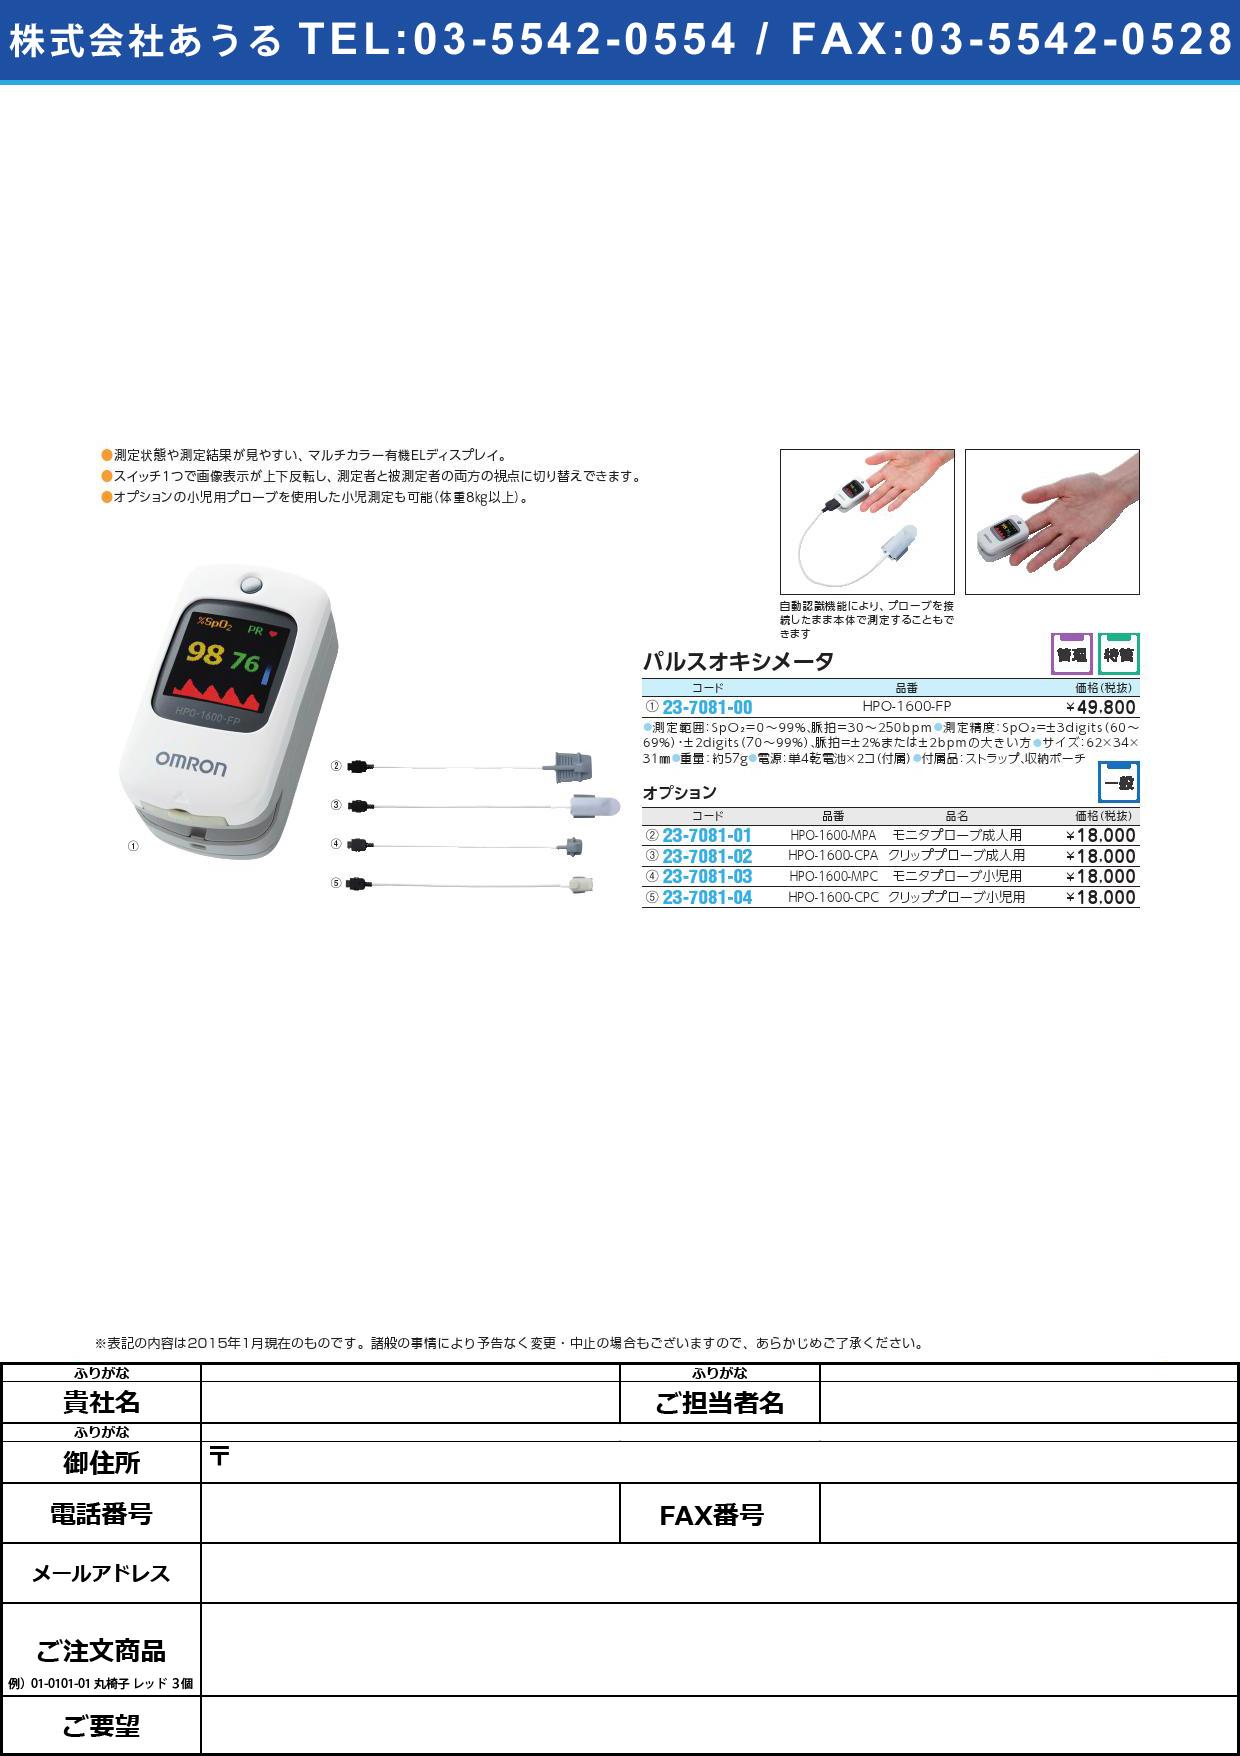 成人用クリッププローブ セイジンヨウクリッププローブ HPO-1600-CPA【1本単位】(23-7081-02)